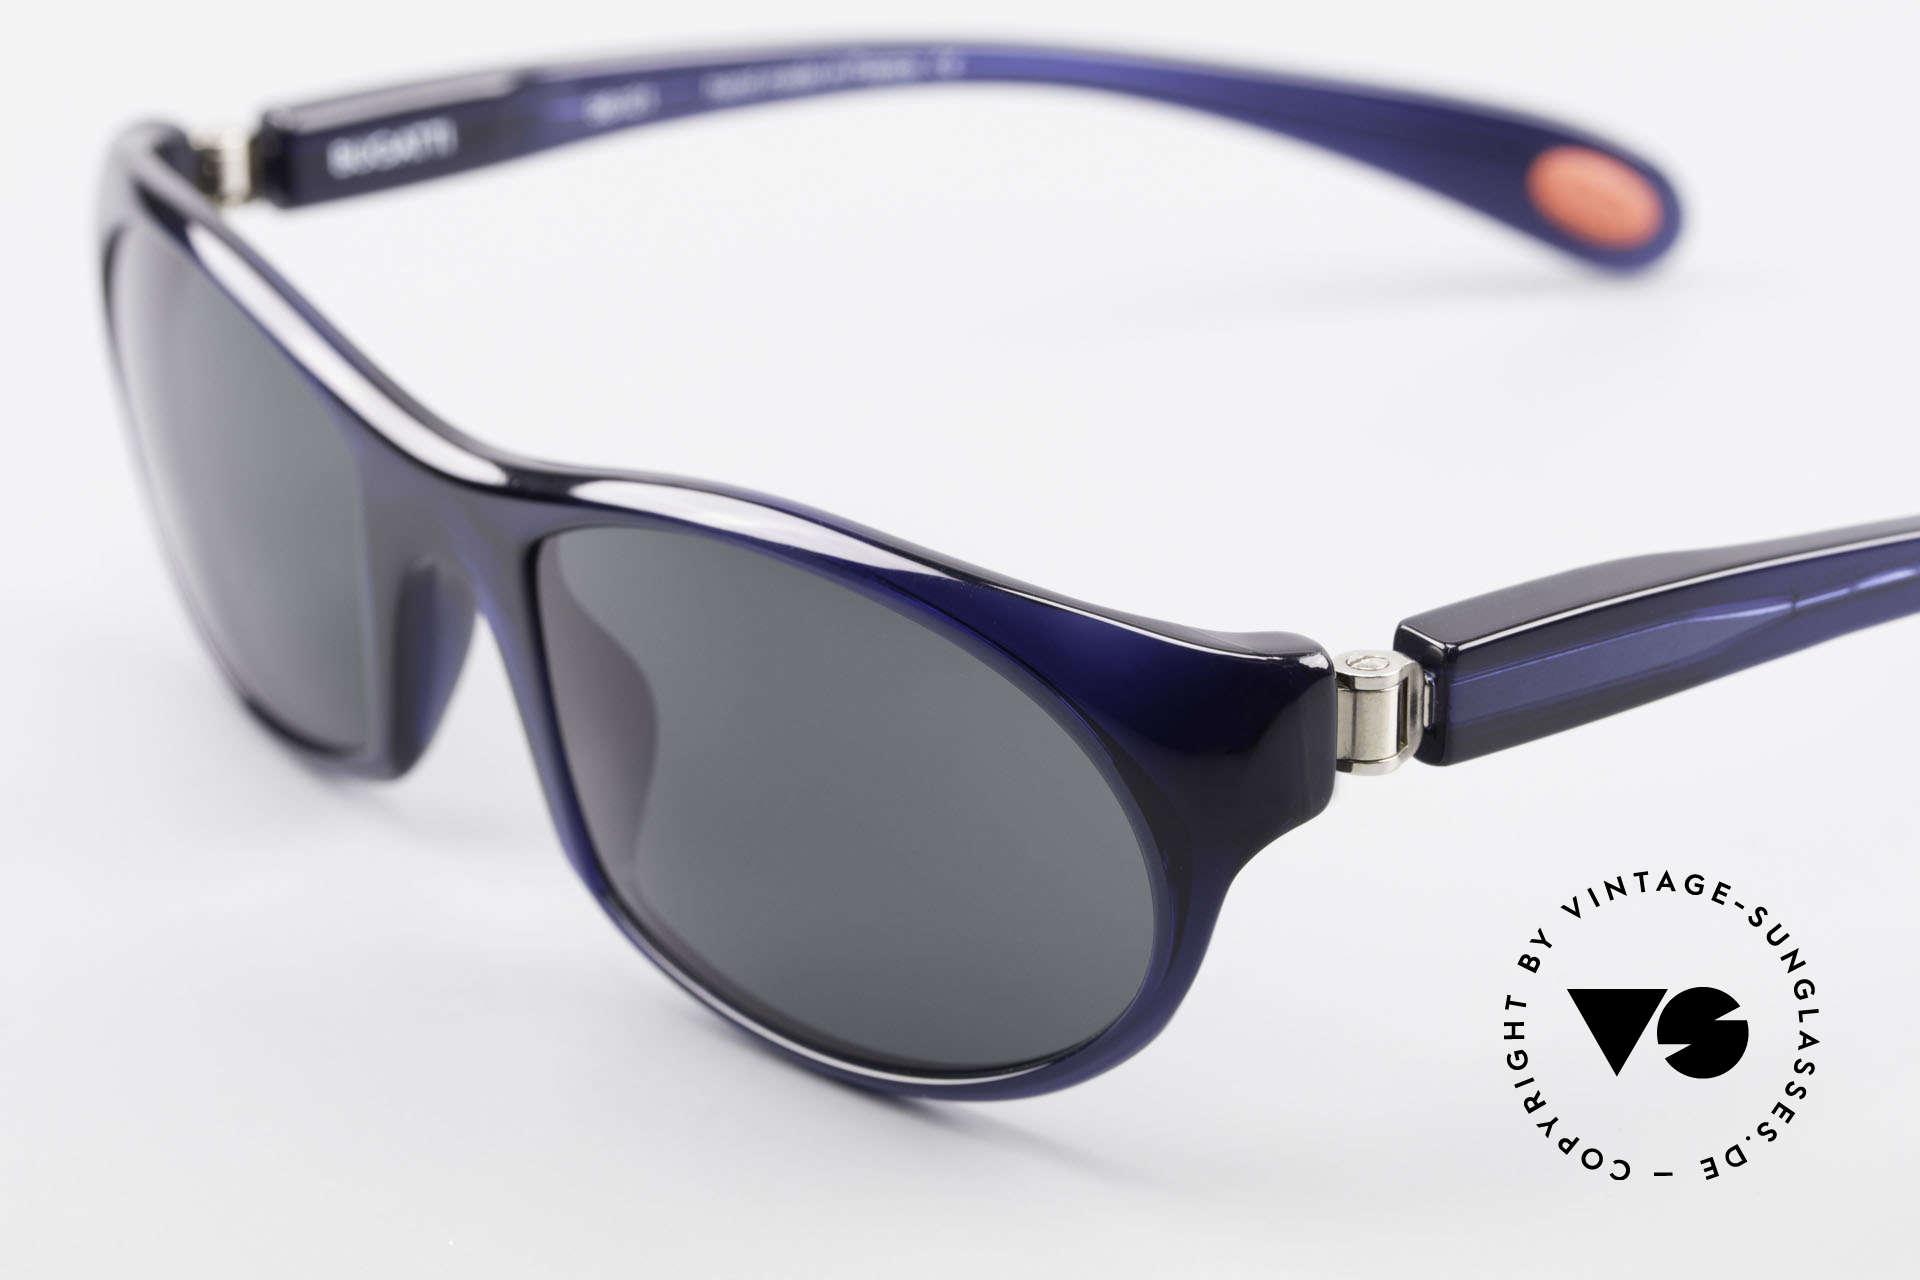 Bugatti 328 Odotype Men's Rare Designer Sunglasses, a 15 years old original in unworn condition, Made for Men